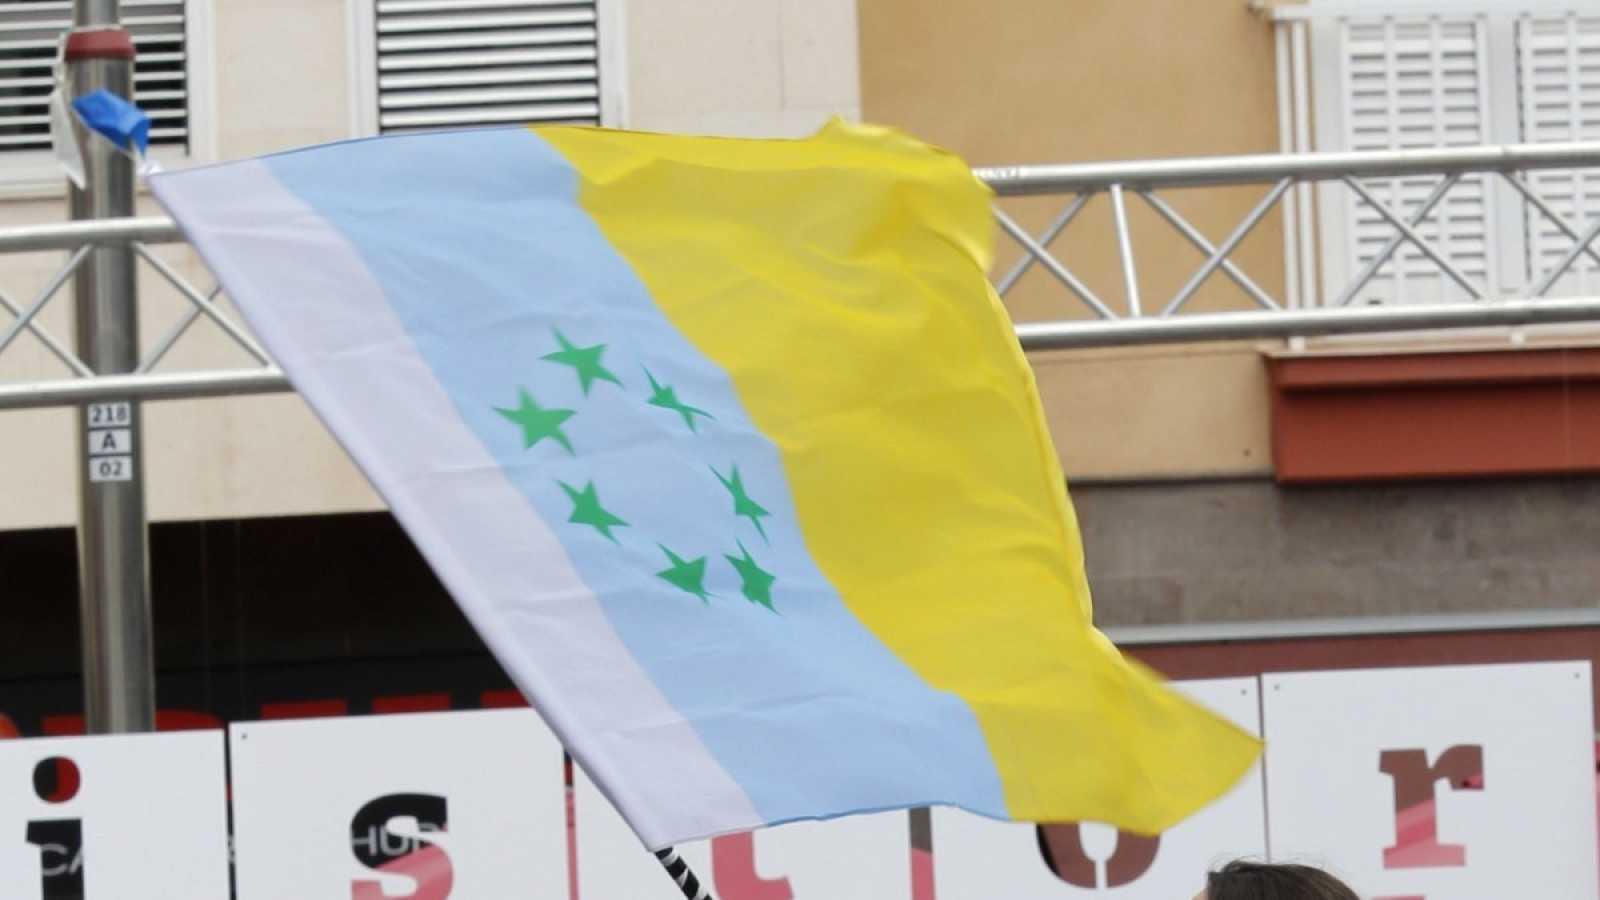 El Supremo prohíbe usar banderas no oficiales en el exterior de los edificios públicos